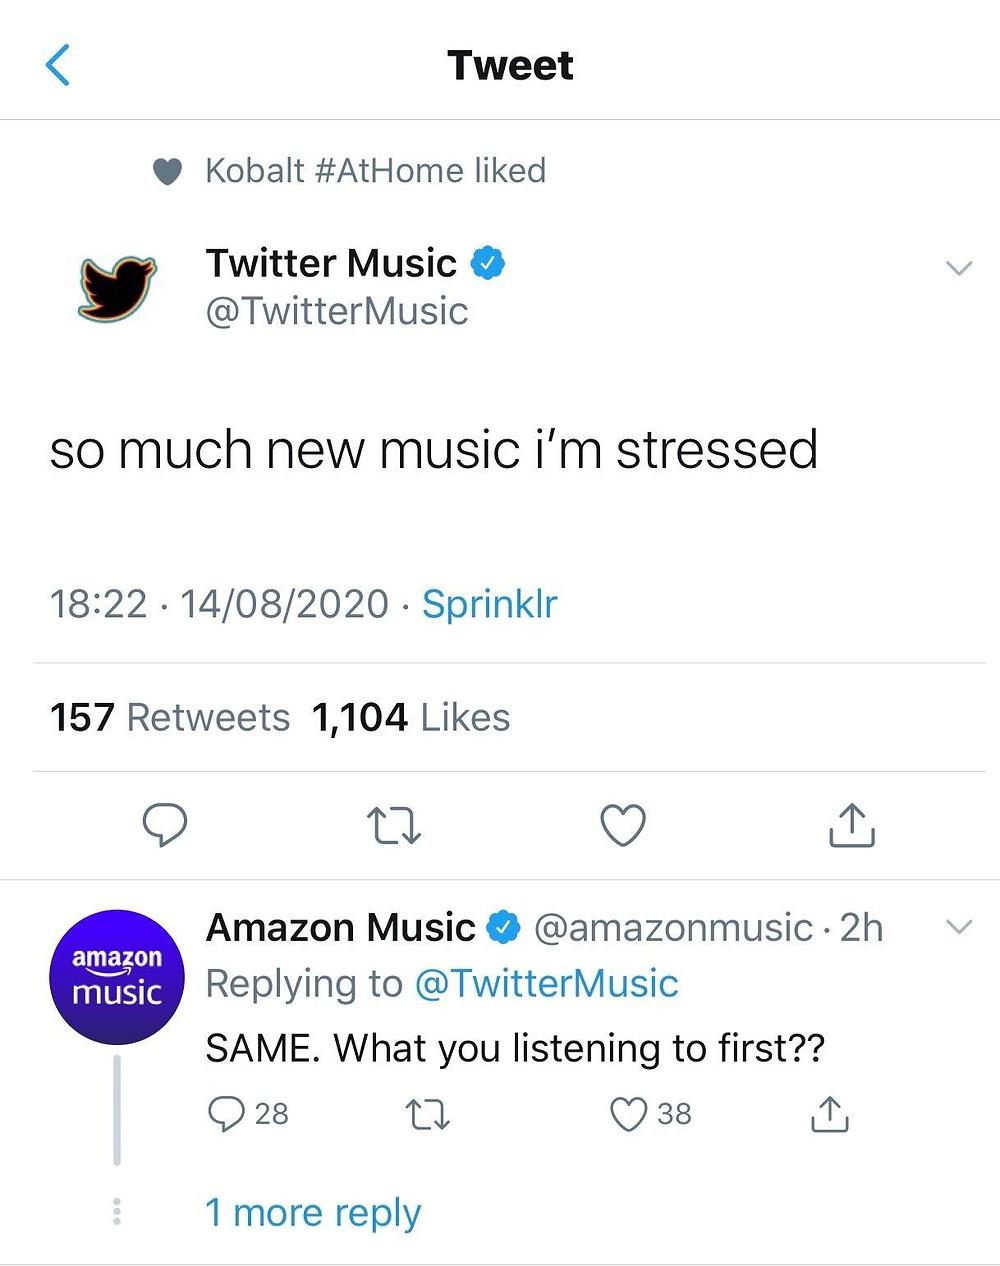 ai-music-too-much-music